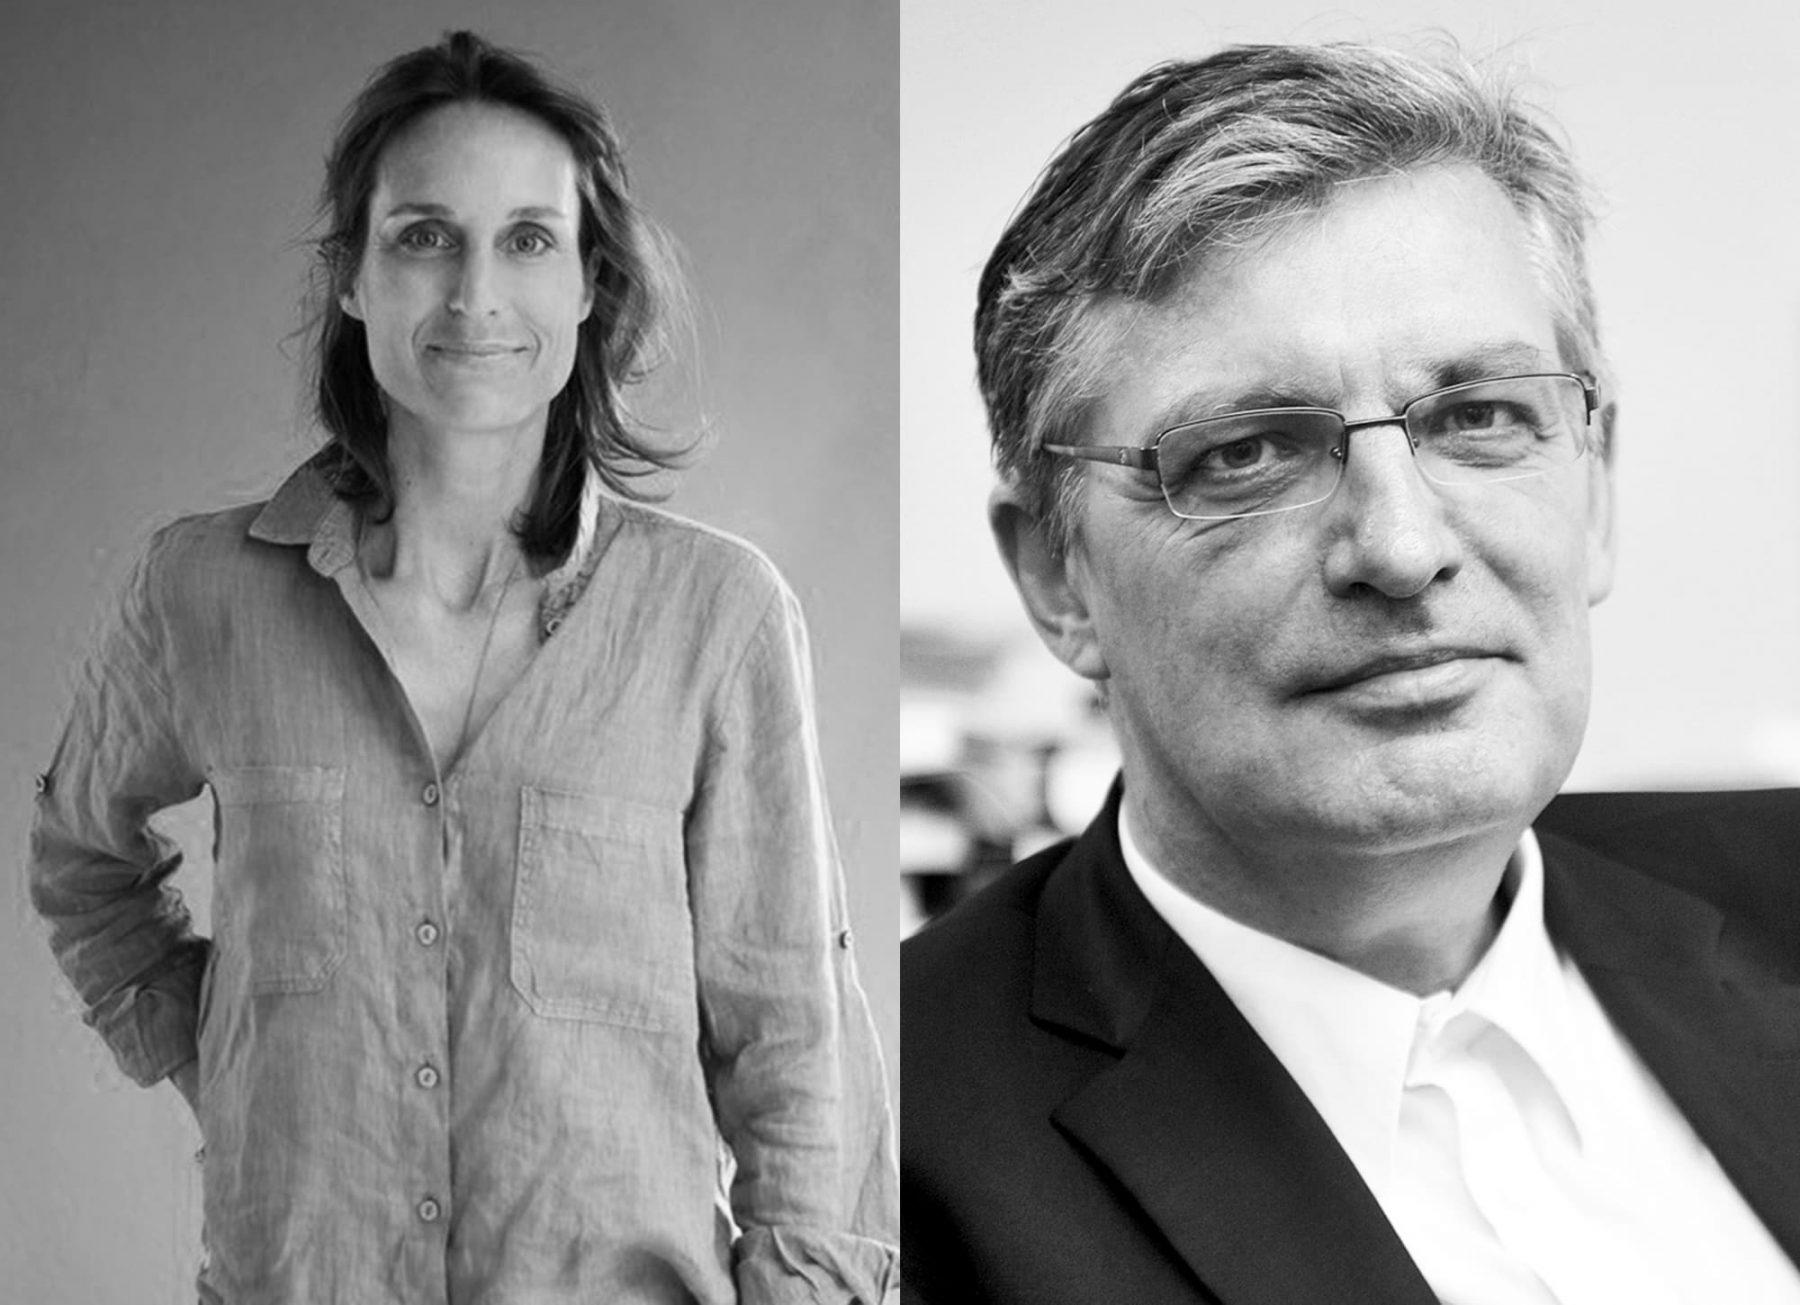 Zwei schwarzweiß Porträts, links Moderatorin Katharina Teutsch und rechts Autor Lothar Müller